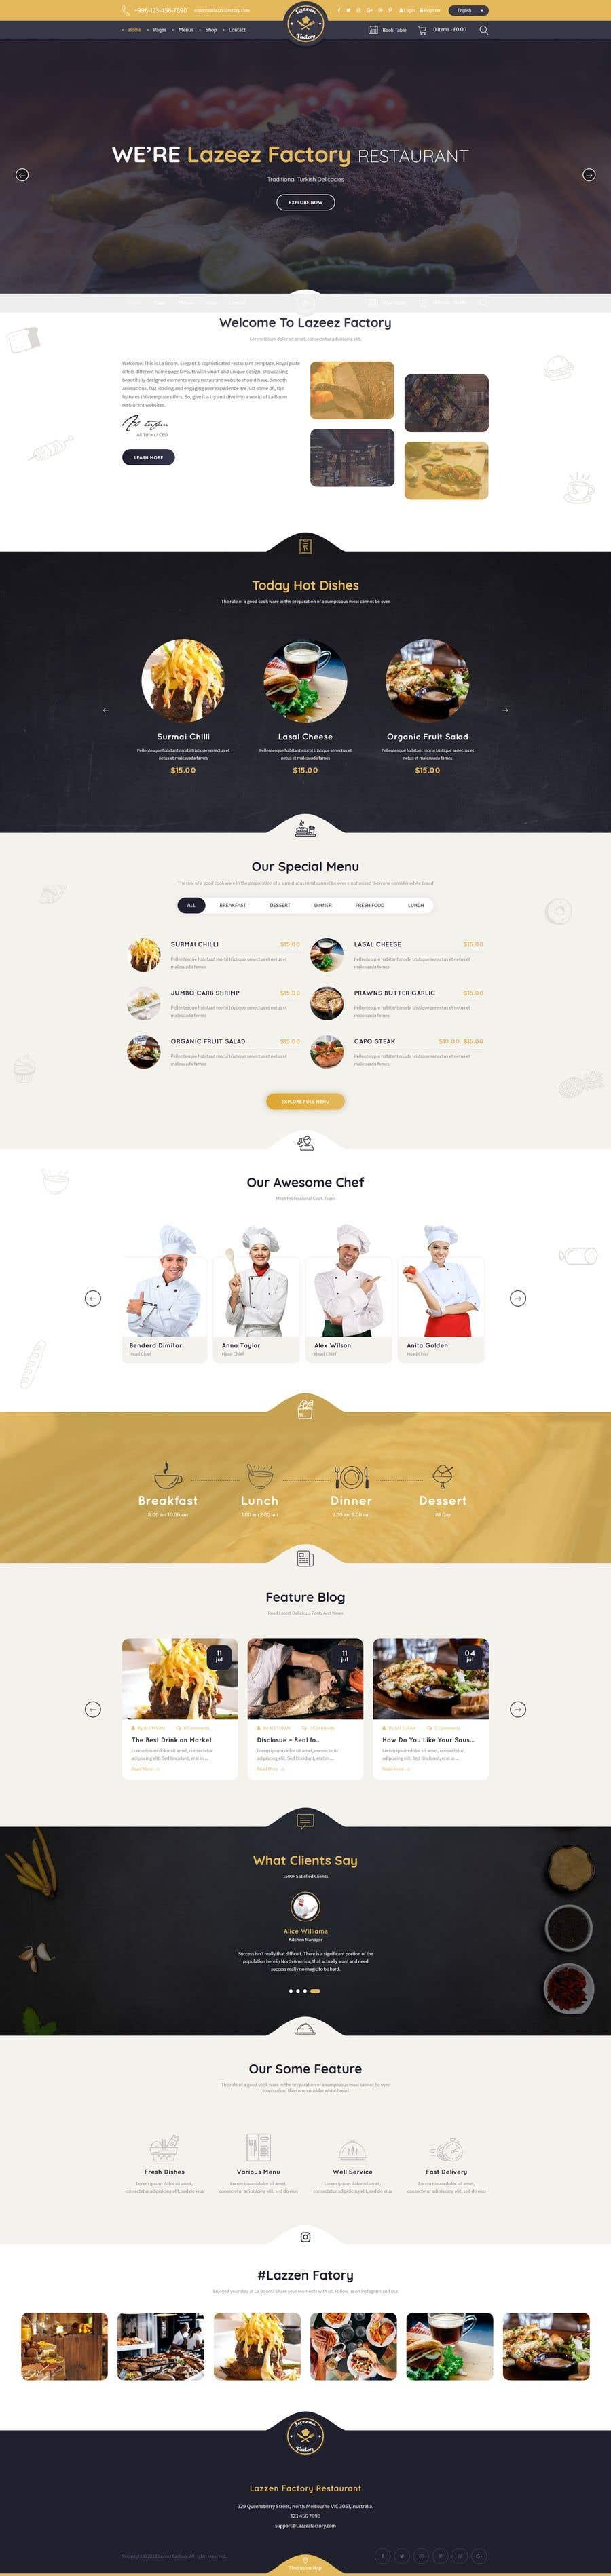 Konkurrenceindlæg #32 for Design A Website and Logo For Restaurant